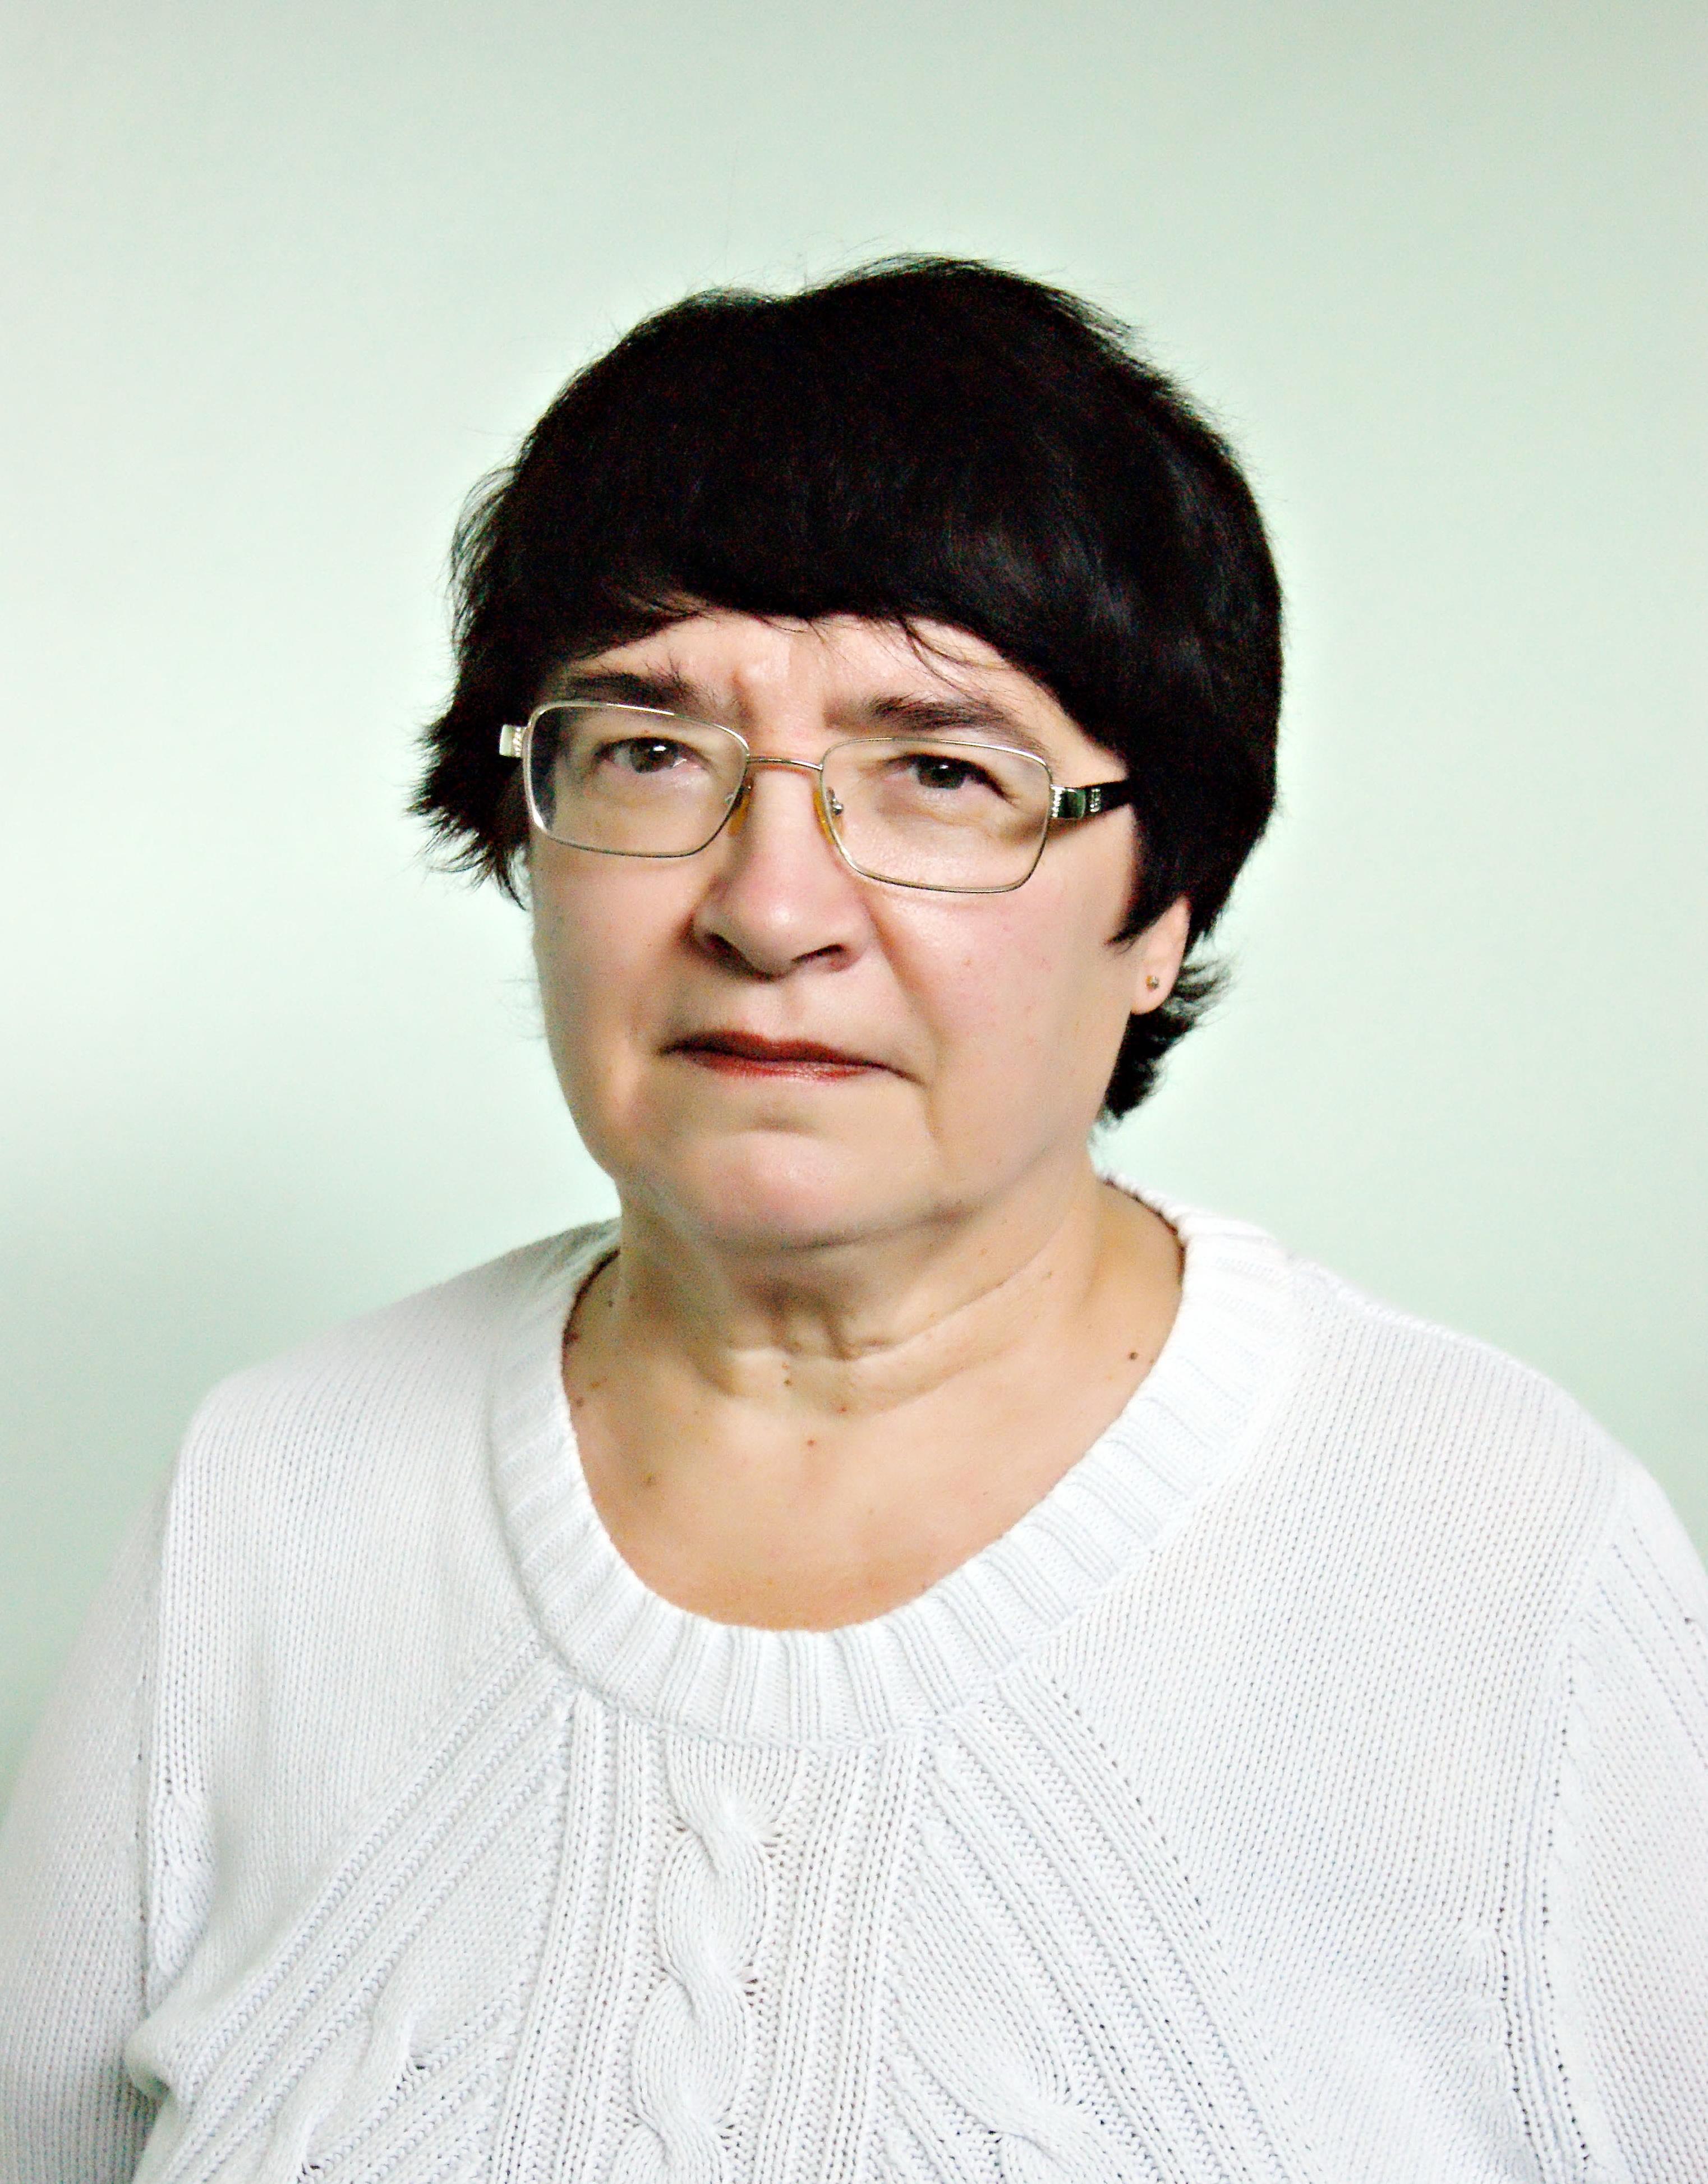 Пархоменко Валентина Петровна Родилась в 1951 году в г Твери После окончания средней школы № 19 поступила в Калининский государственный медицинский институт который закончила с